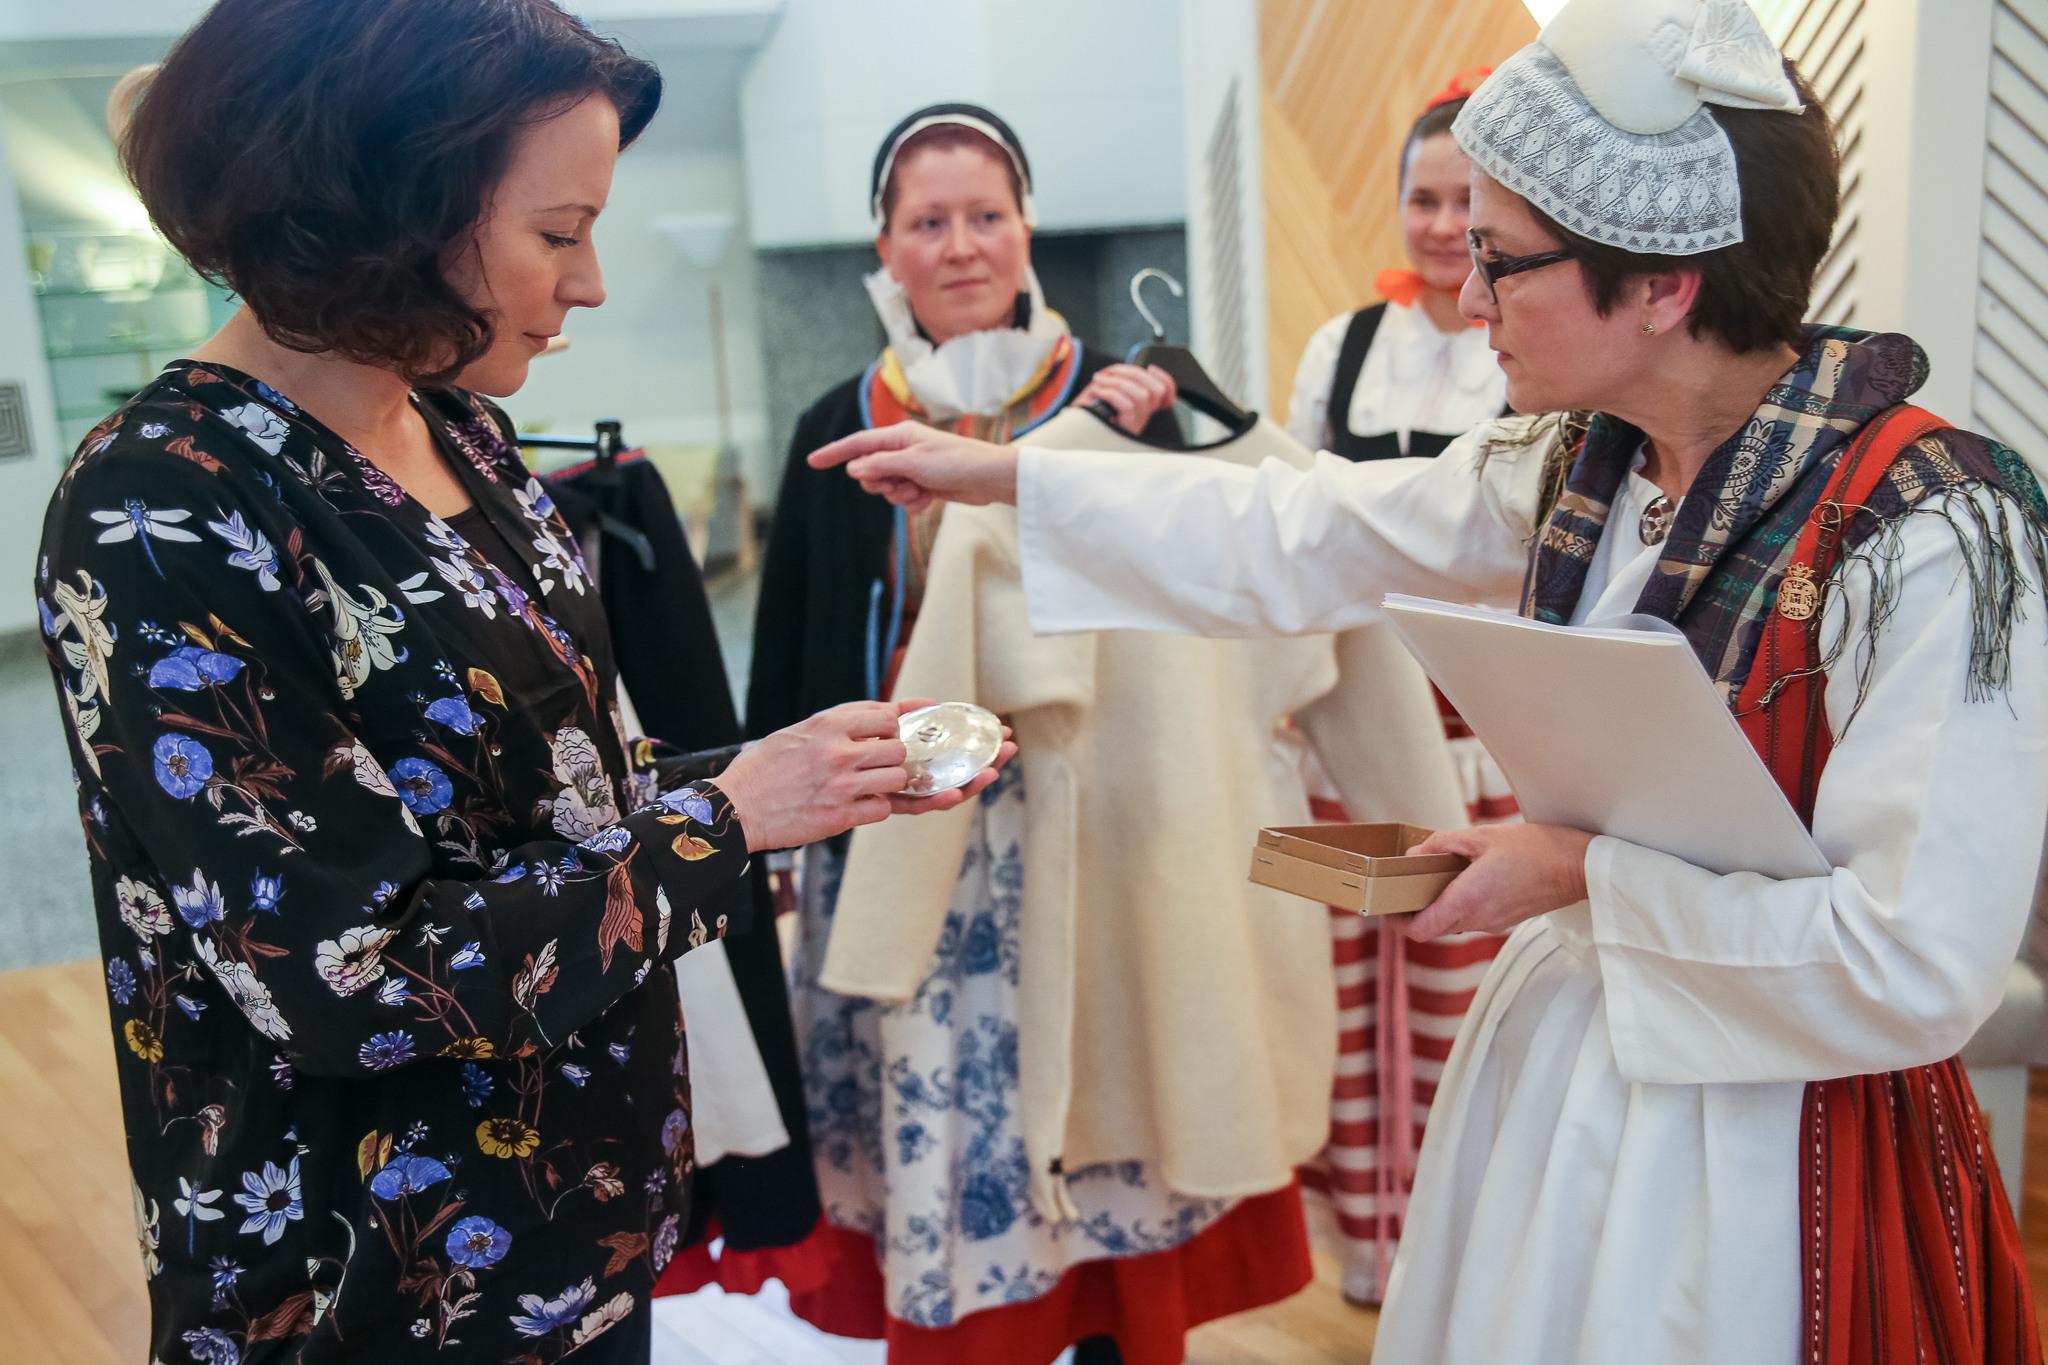 Rouva Haukiolle lahjoitettiin Jääsken kansallispuku